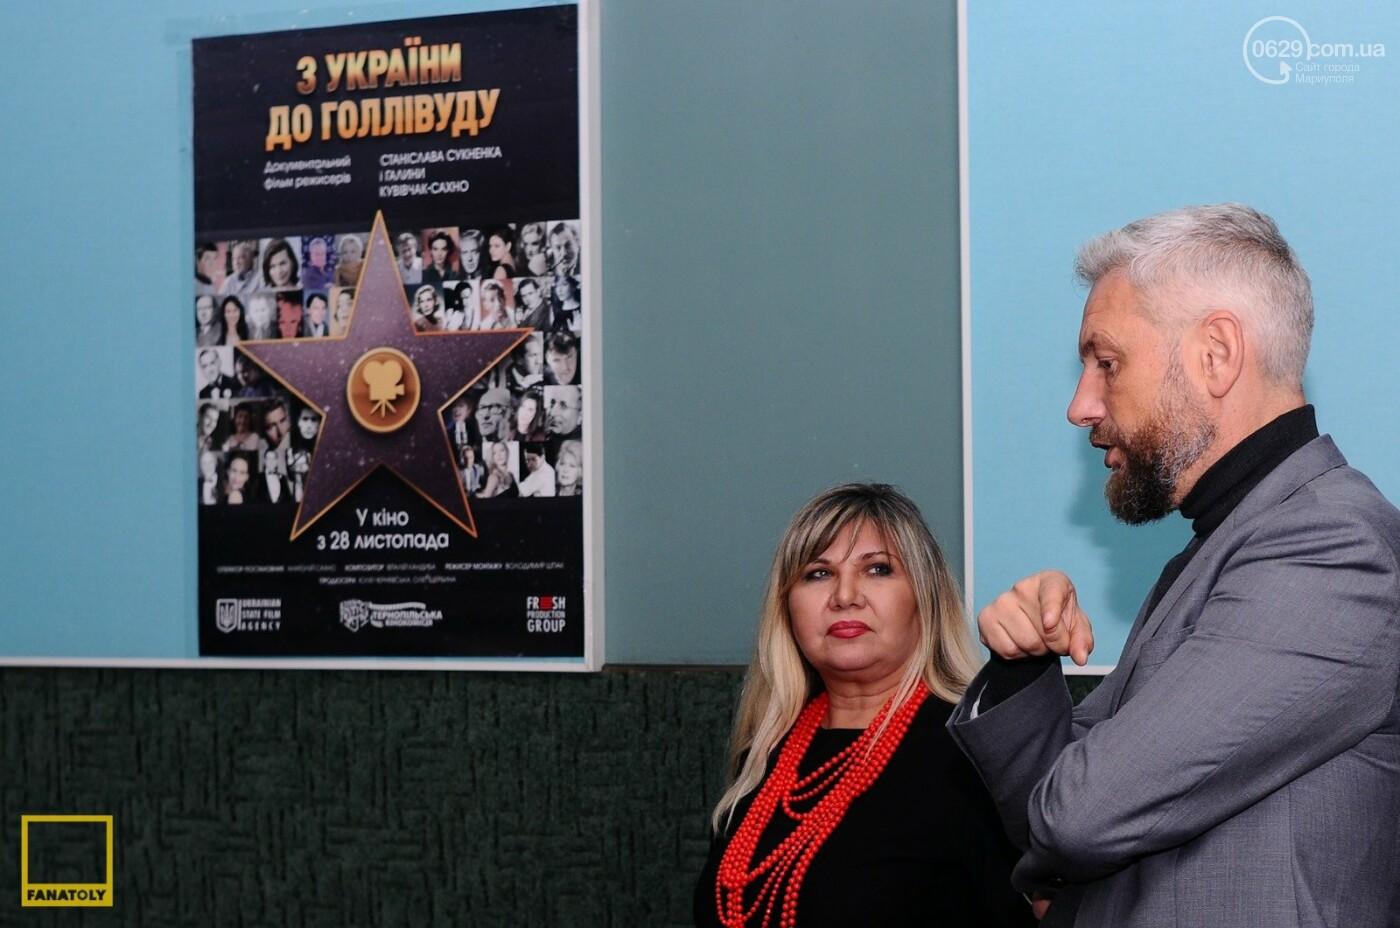 В Мариуполе можно увидеть фильм об украинцах, которые покорили Голливуд, - ФОТО, фото-1